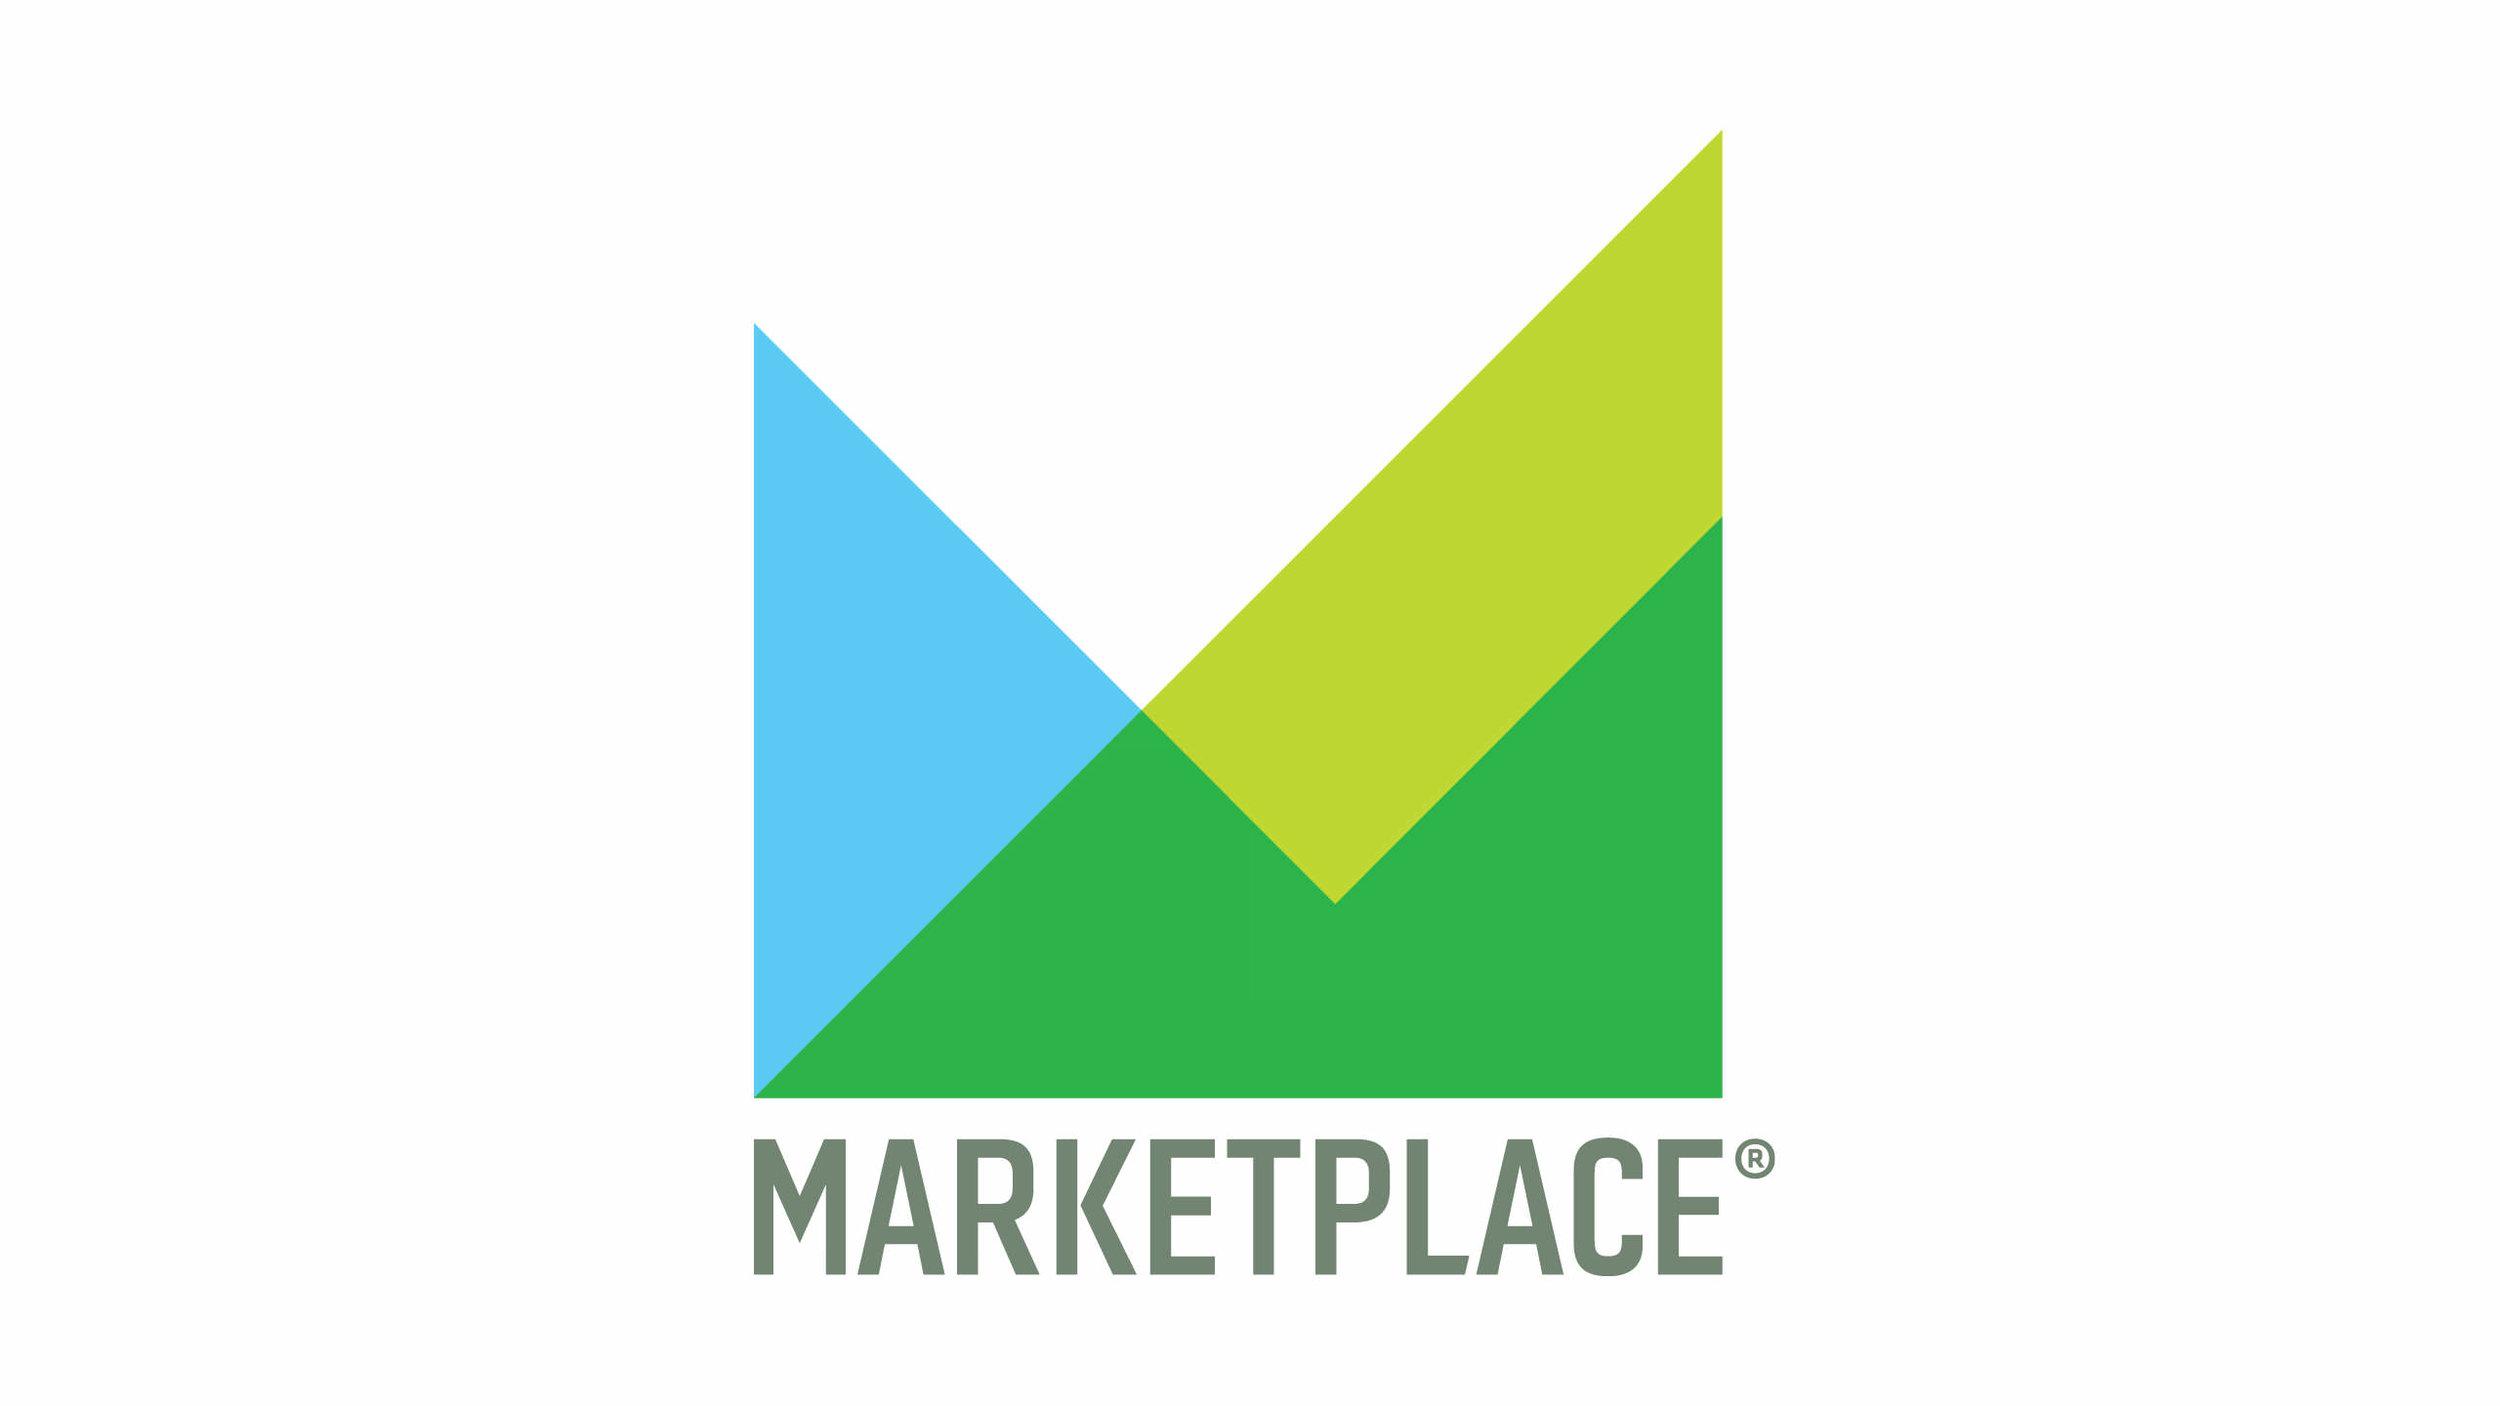 Marketplace Identity